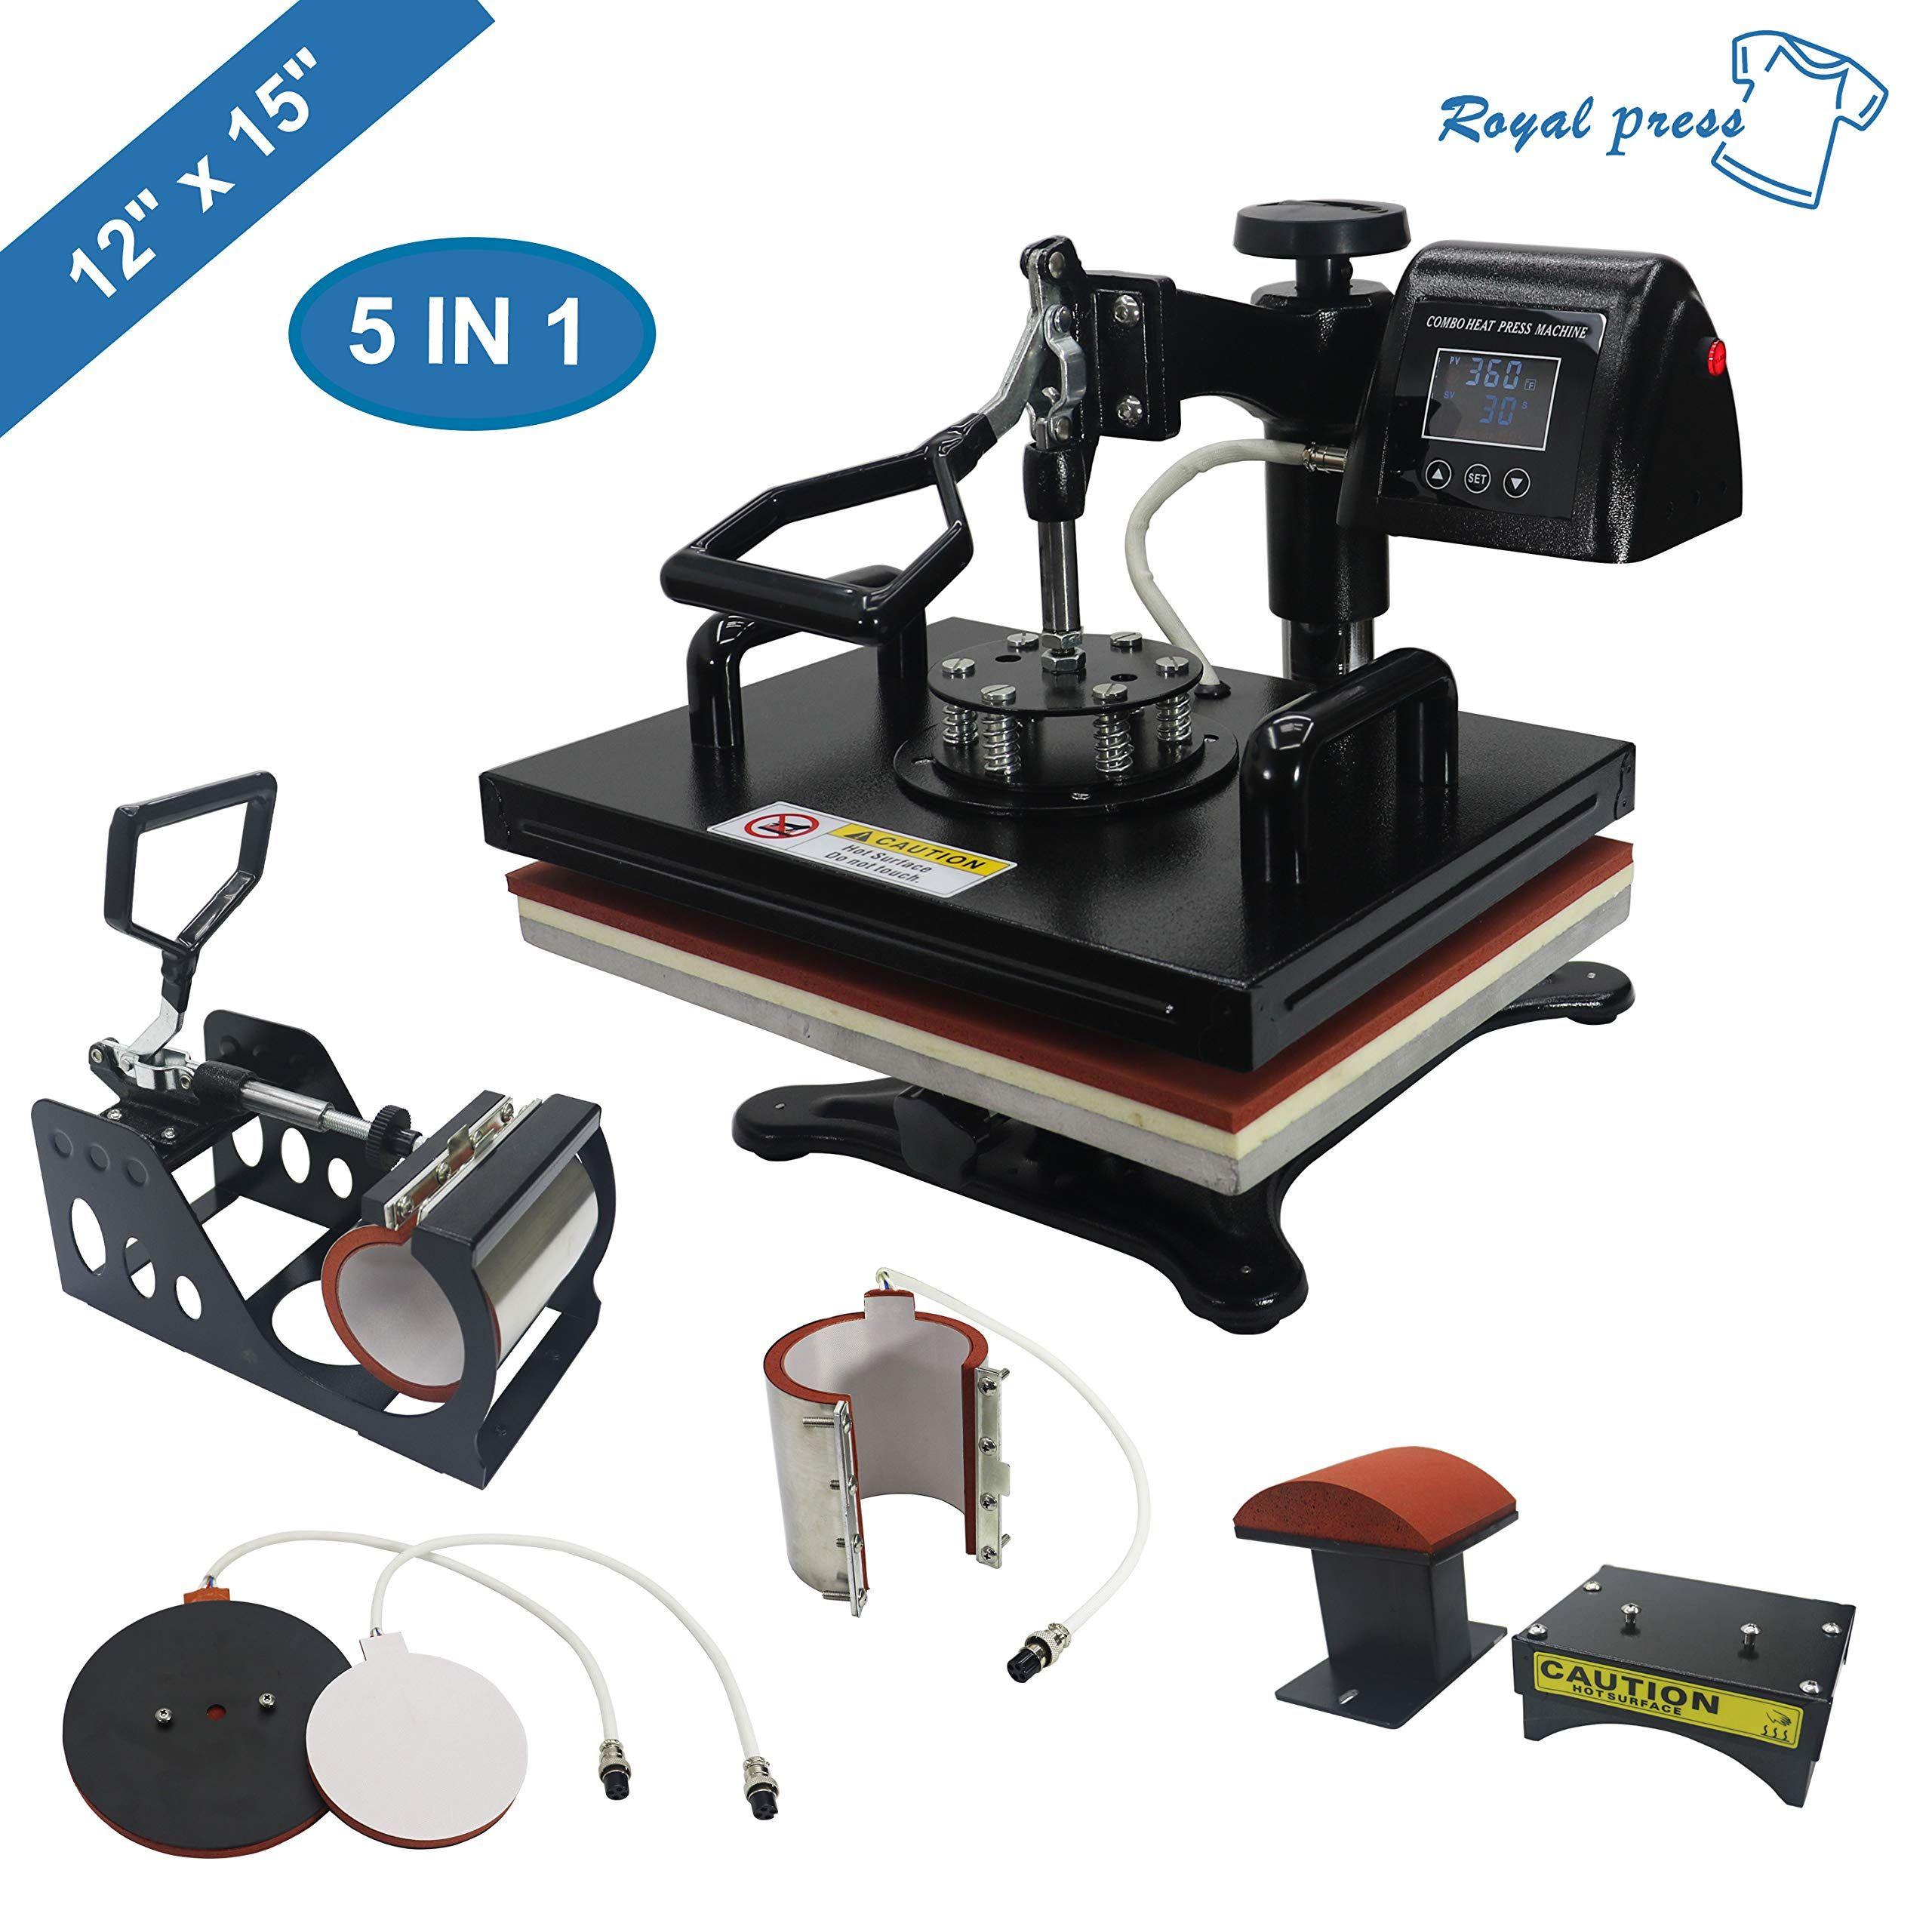 Royalpress Professional 12 X 15 Best Heat Press Machine Heat Press Machine Heat Press